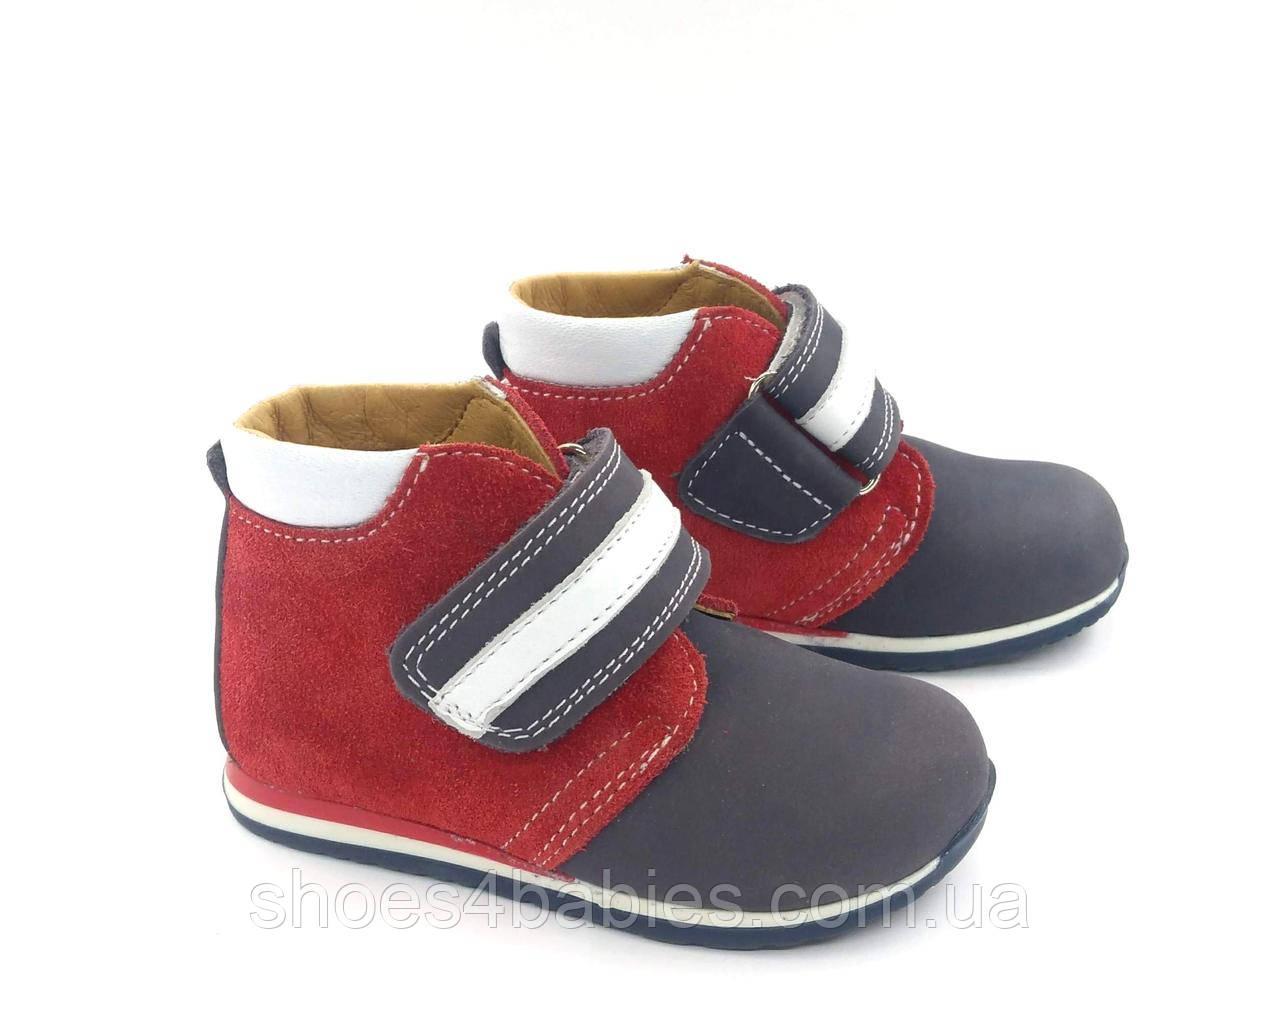 Ботинки кожаные демисезонные ТМ FS, р. 21 - 14см